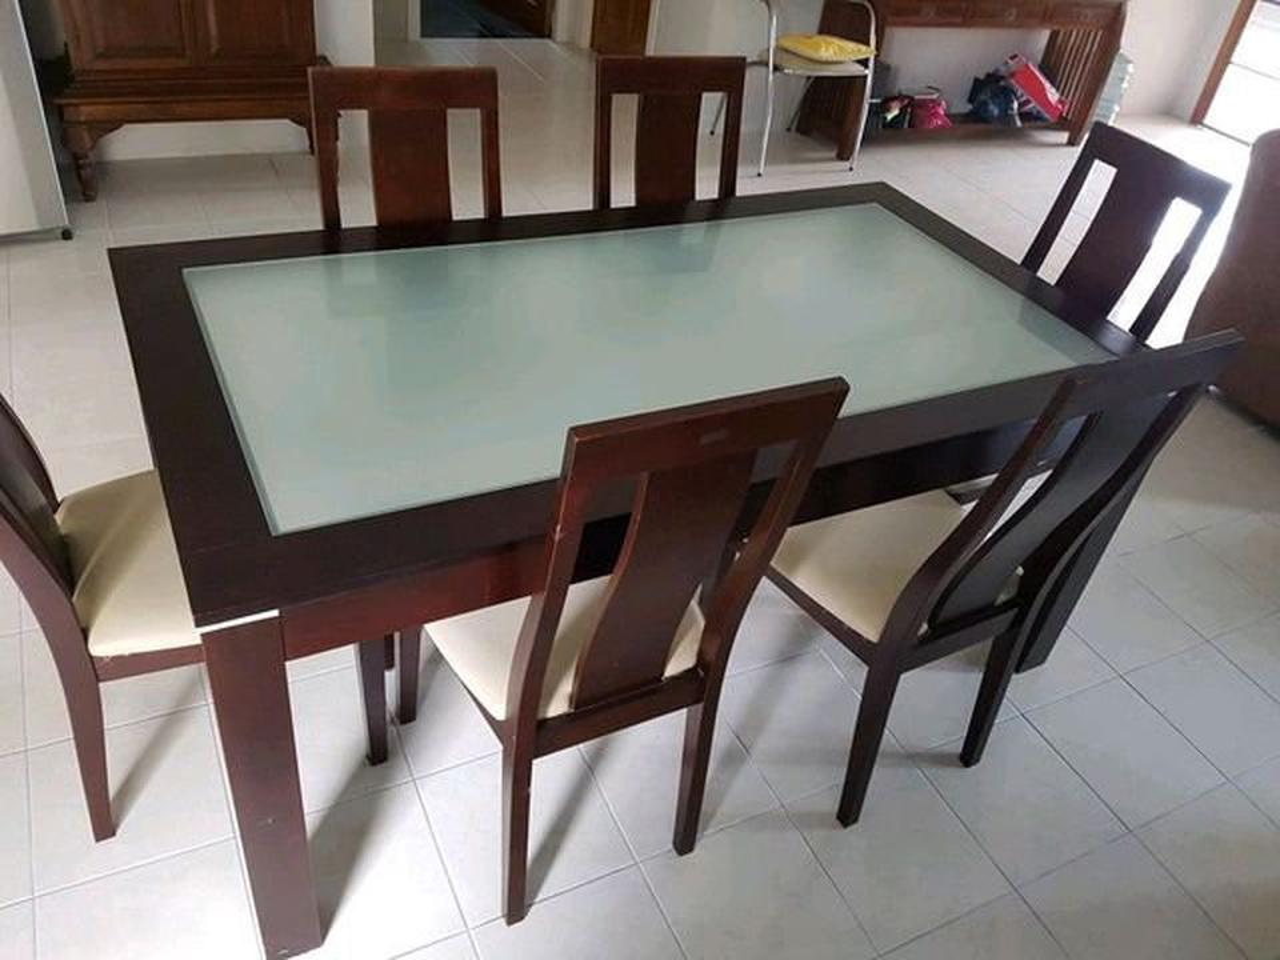 ชุดโต๊ะ พร้อมเก้าอี้ 6 ที่นั่ง  ขนาดโต๊ะ 165x90 cm. รูปที่ 1